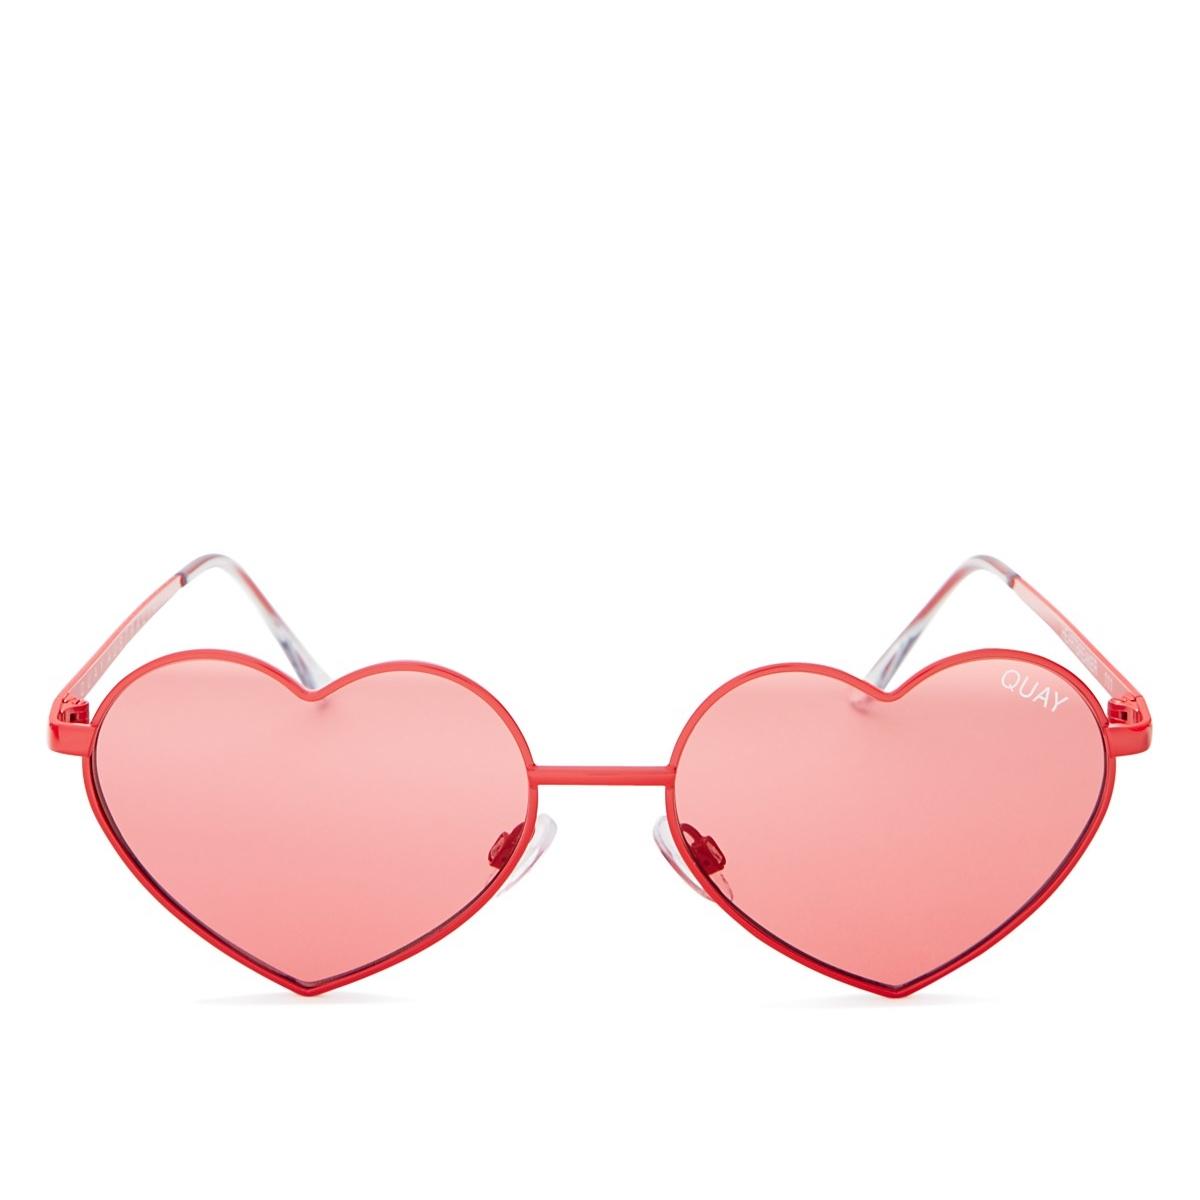 Quay Heartbreaker Sunglasses, $50